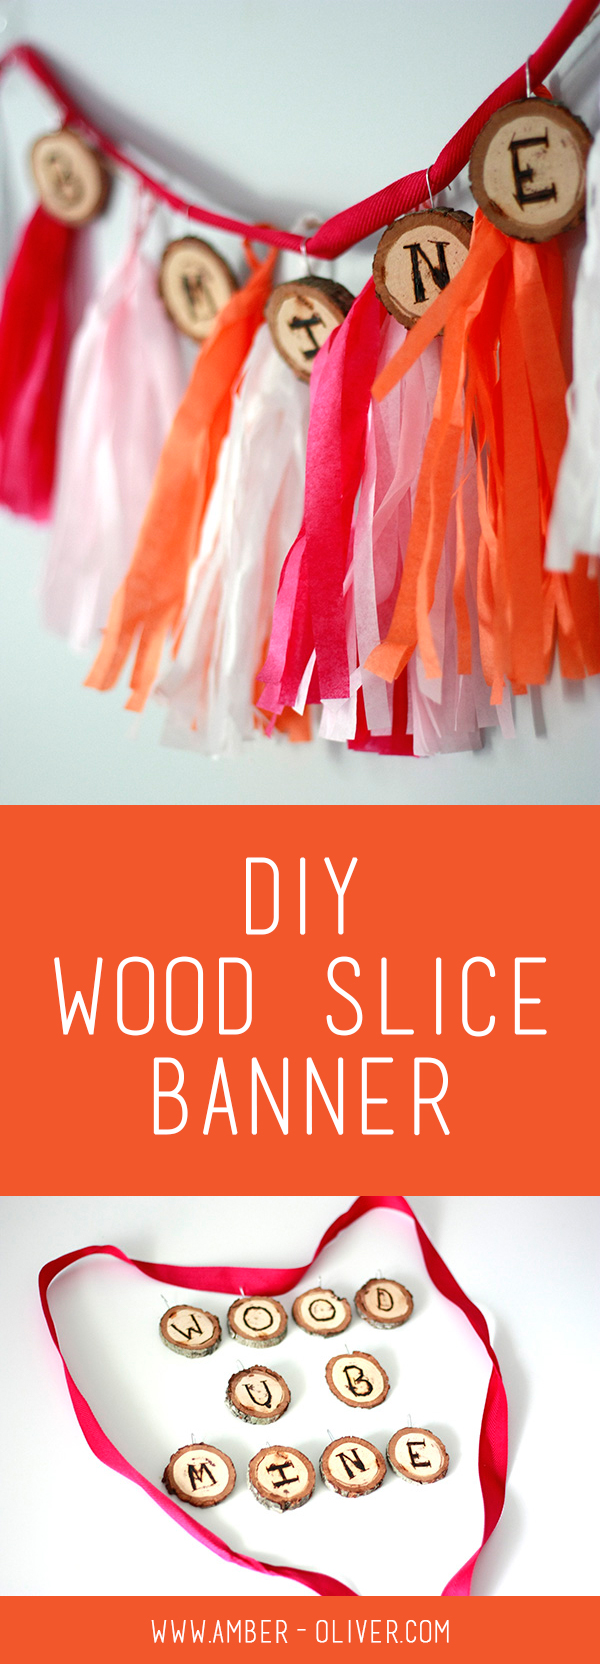 DIY Wood Slice Banner by Amber Oliver